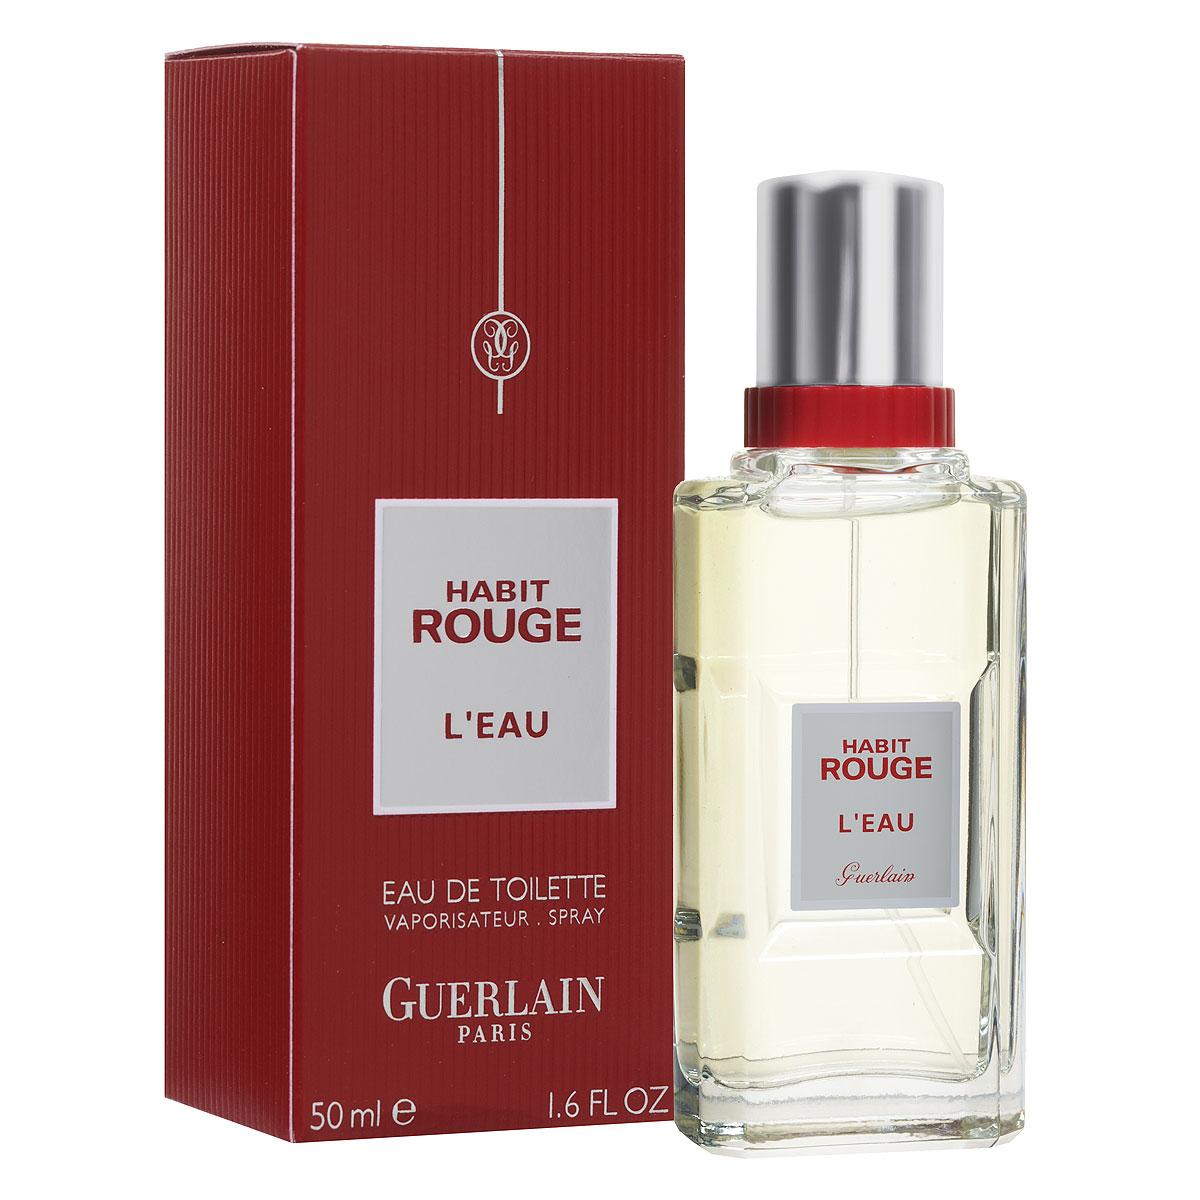 Guerlain ��������� ���� Habit Rouge LEau, �������, 50 �� - GuerlainG030329Habit Rouge LEau - ������ ����������� � ����� ������ ������������� ������������ ������� Habit Rouge, � ������� ����������� ������� ����. ������ Habit Rouge ������������ ��� ���������� ������, ��������� �������� �������� � ������, ������� ������ ������ � ���������� ������� ����������� �������������. ������������� ������� : ������ ���������. �������� ������� : ������� ����: ��������, ������ ����. ���� ������: ������. ���� ������: ������, ������. �������� ����� ������, �����, �����������. ��������� ���� - ���� �� ����� ���������� ����� ����������� ���������. ��������� ���� �������� 4-10% ������������ ���������. ������� ����������� ������� ���� ��������� ����������� � ��������� ����, ������������ �������� (��� �������, 30, 50, 75, 100 ��), �������� ������������� (���� ����� - �����). �������� ��� �������� �������������. �����...